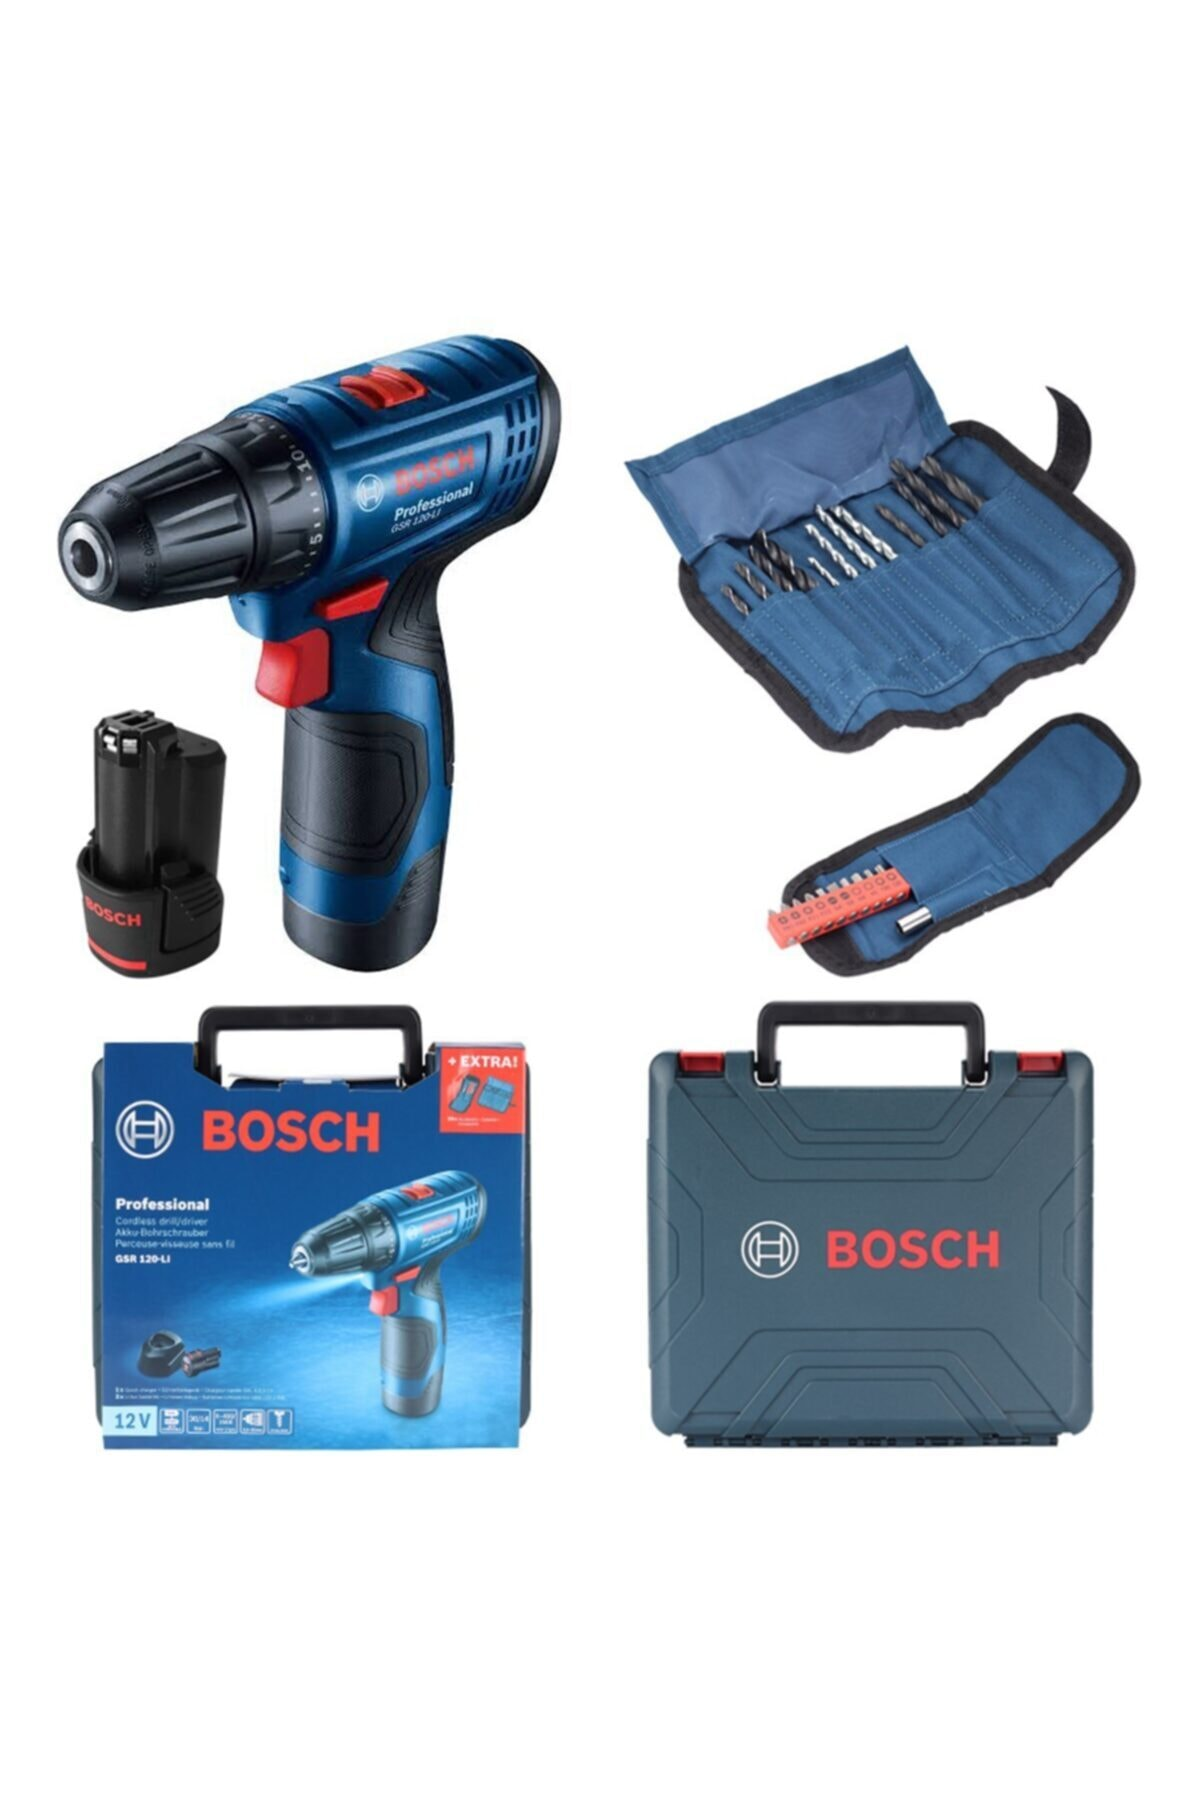 Bosch Gsr 120-lı 2 Ah Şarjlı - Akülü Delme Vidalama Makinası - 06019g8002 1